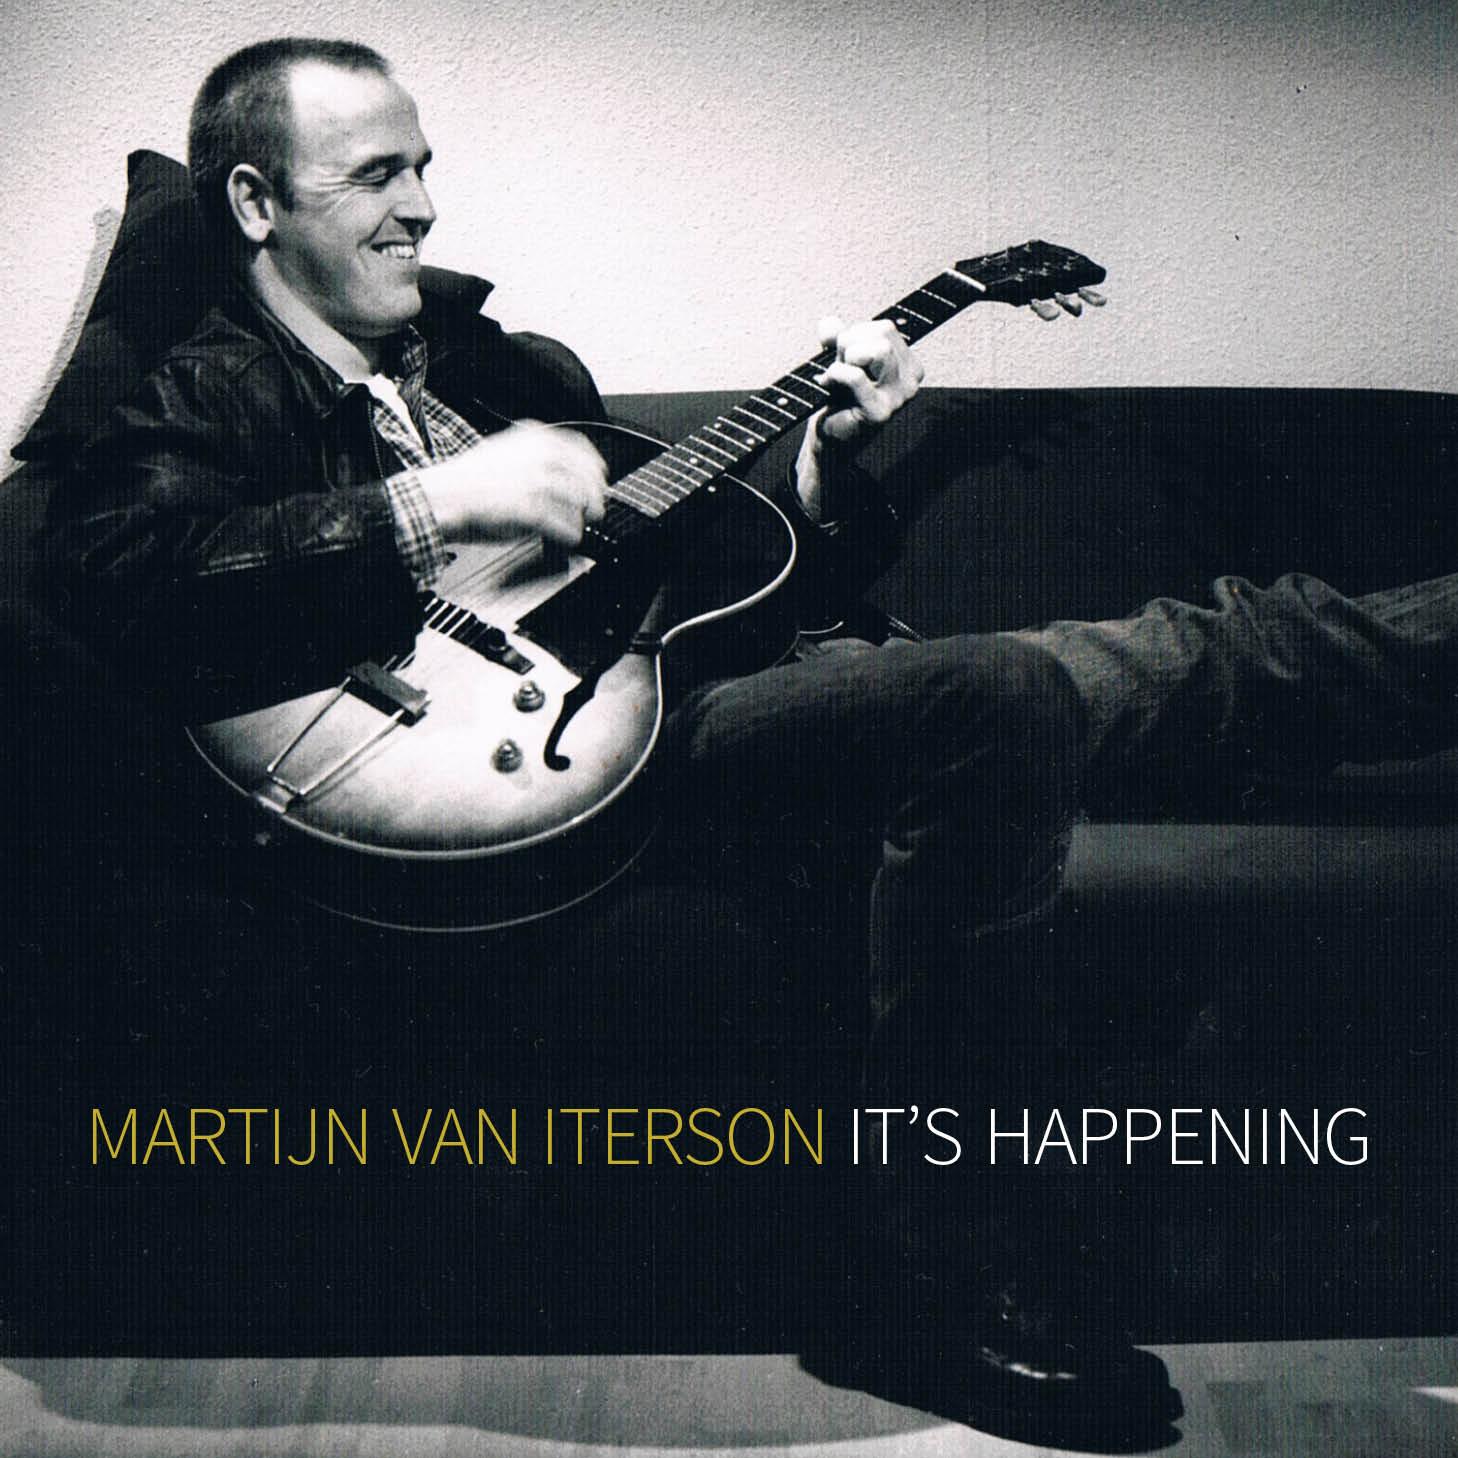 It's Happening (1998 album reissue €12,99)